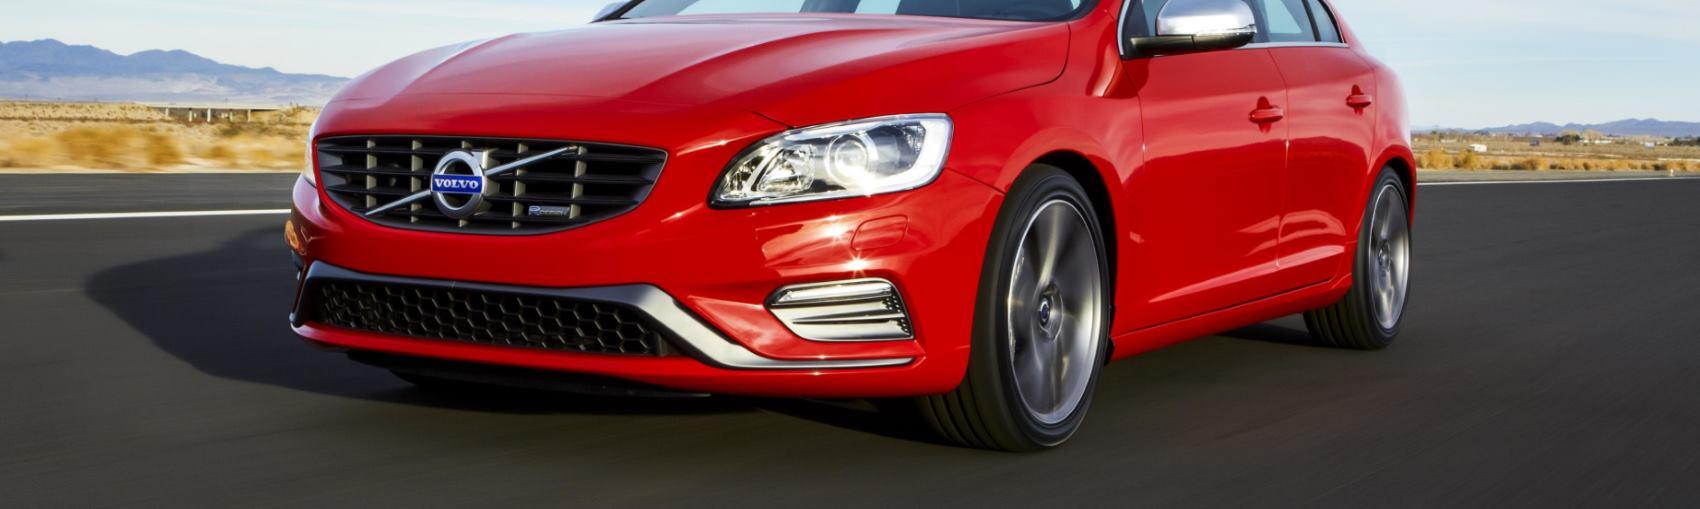 Bogato opremljena vozila Volvo serije 60 Edition+